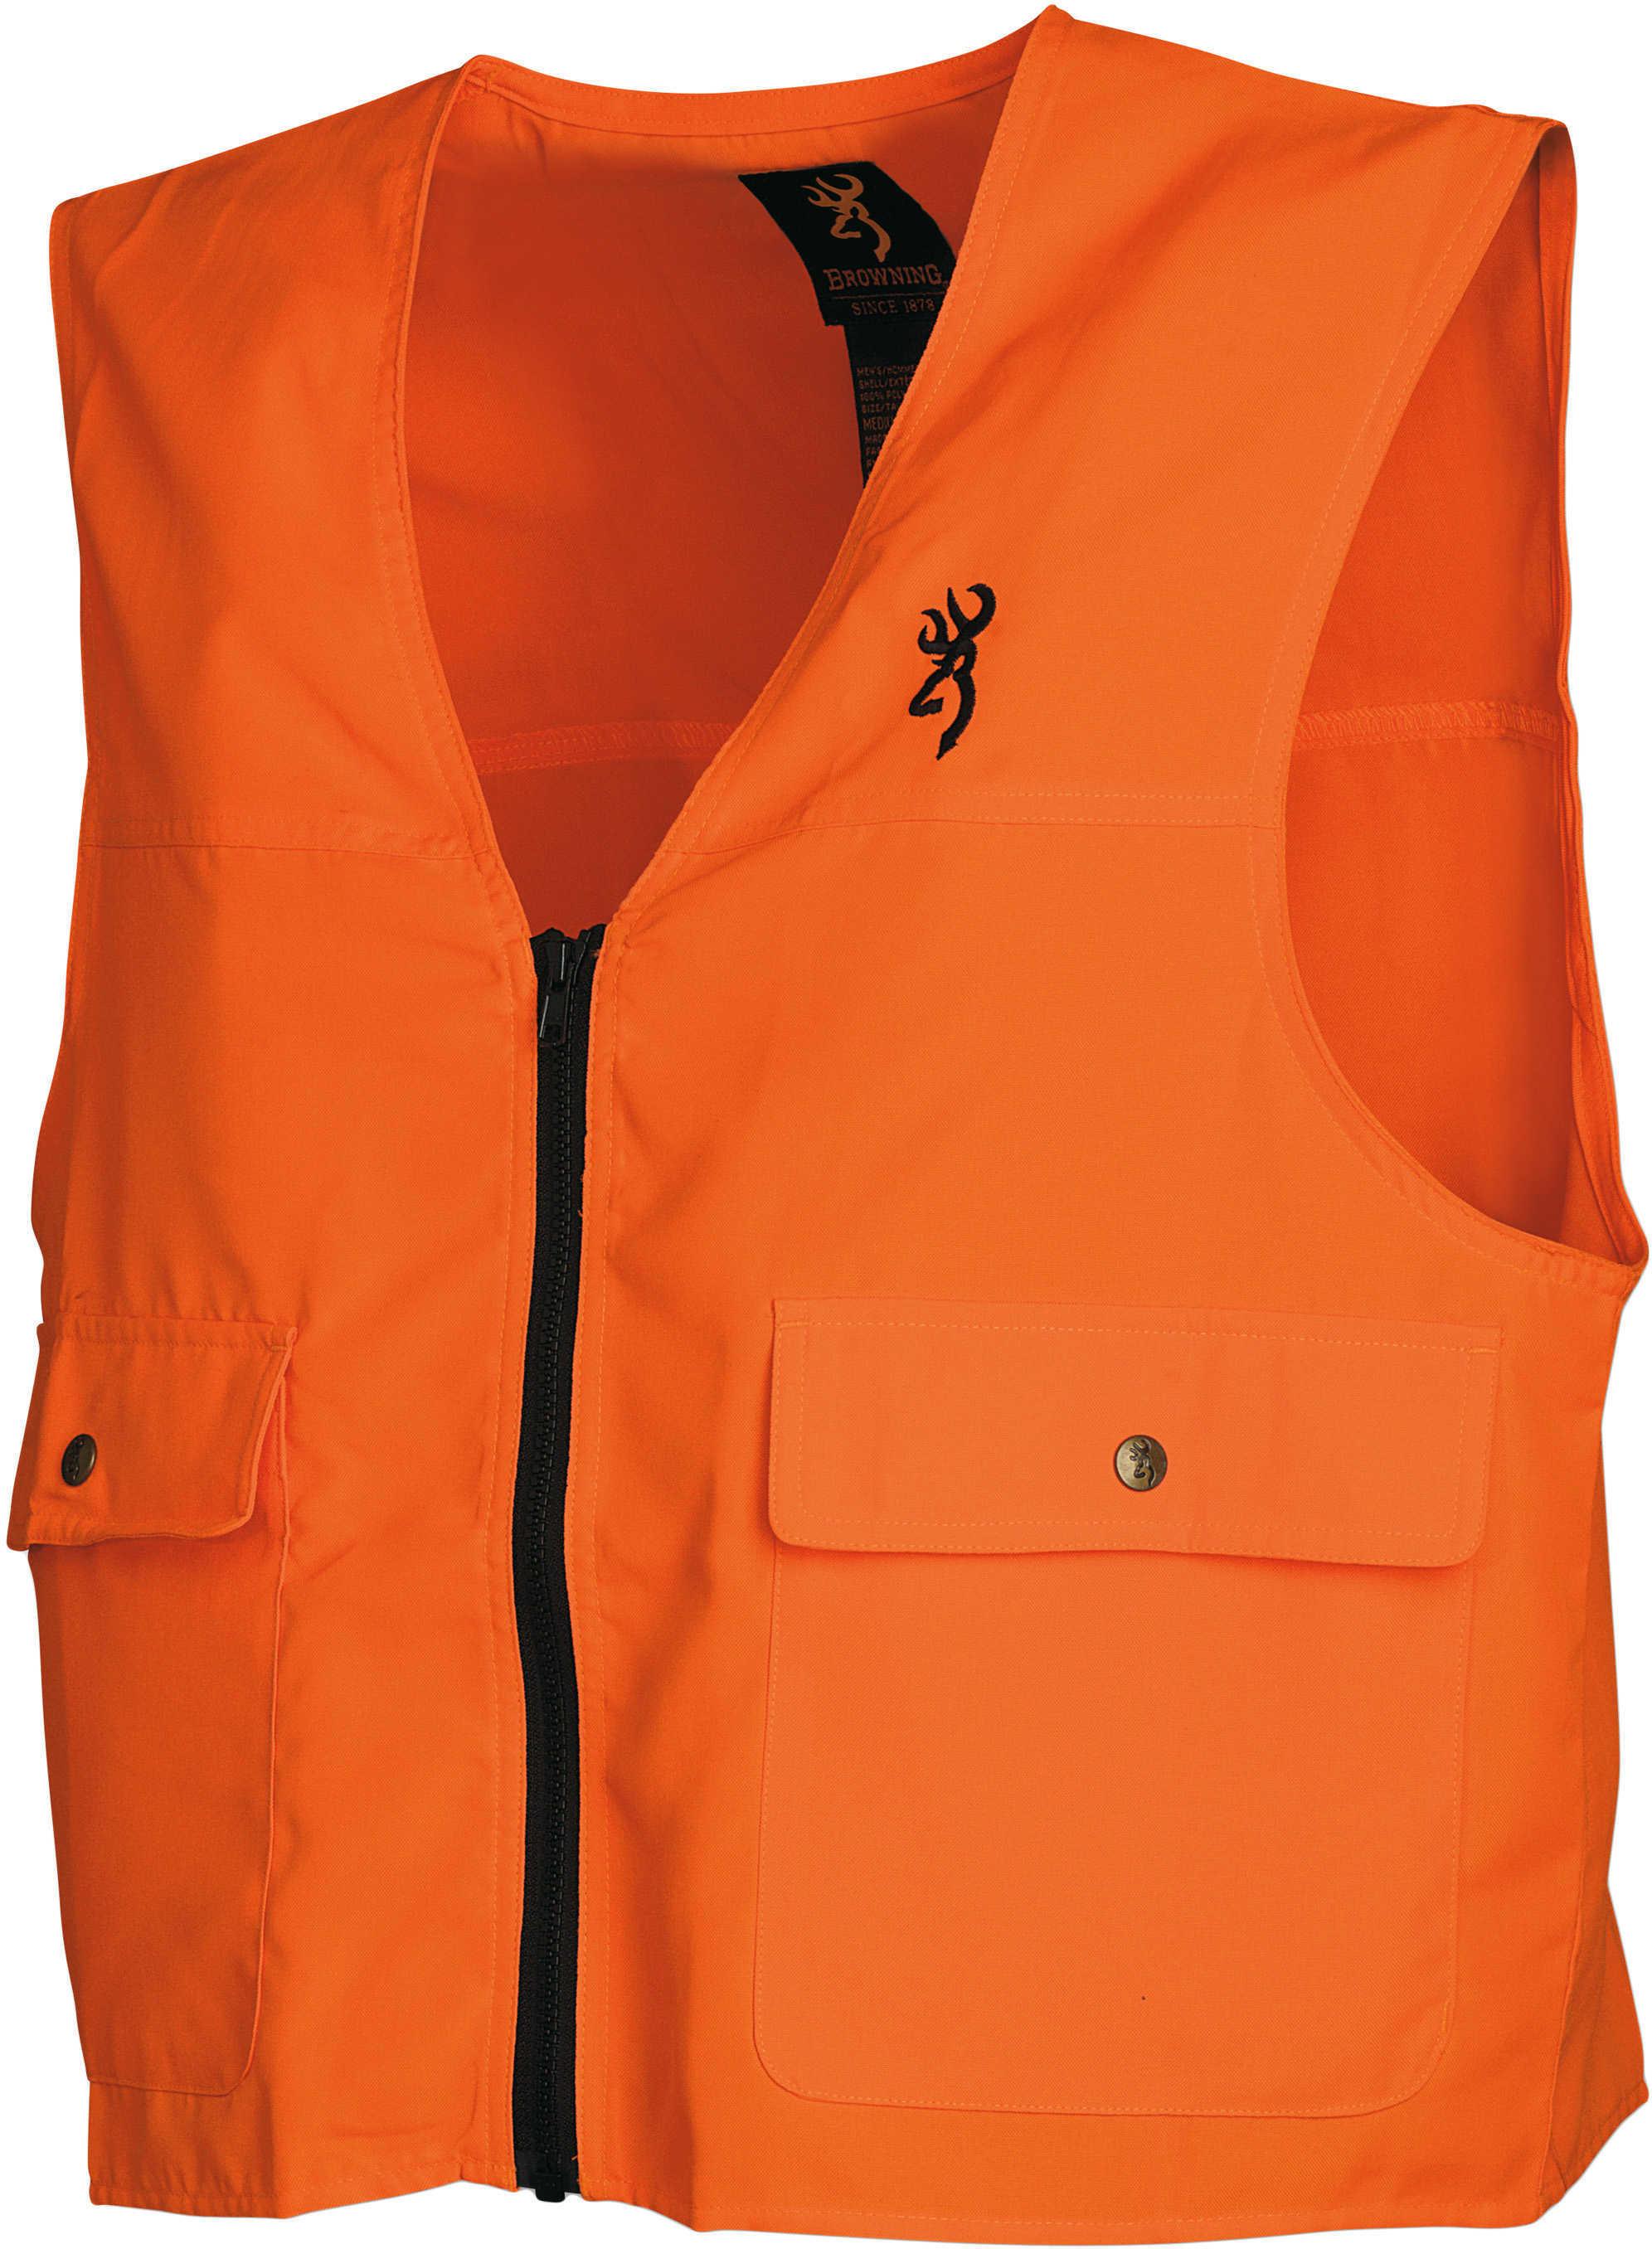 Browning Safety Blaze Overlay Vest Blaze, XLarge Md: 3051000104